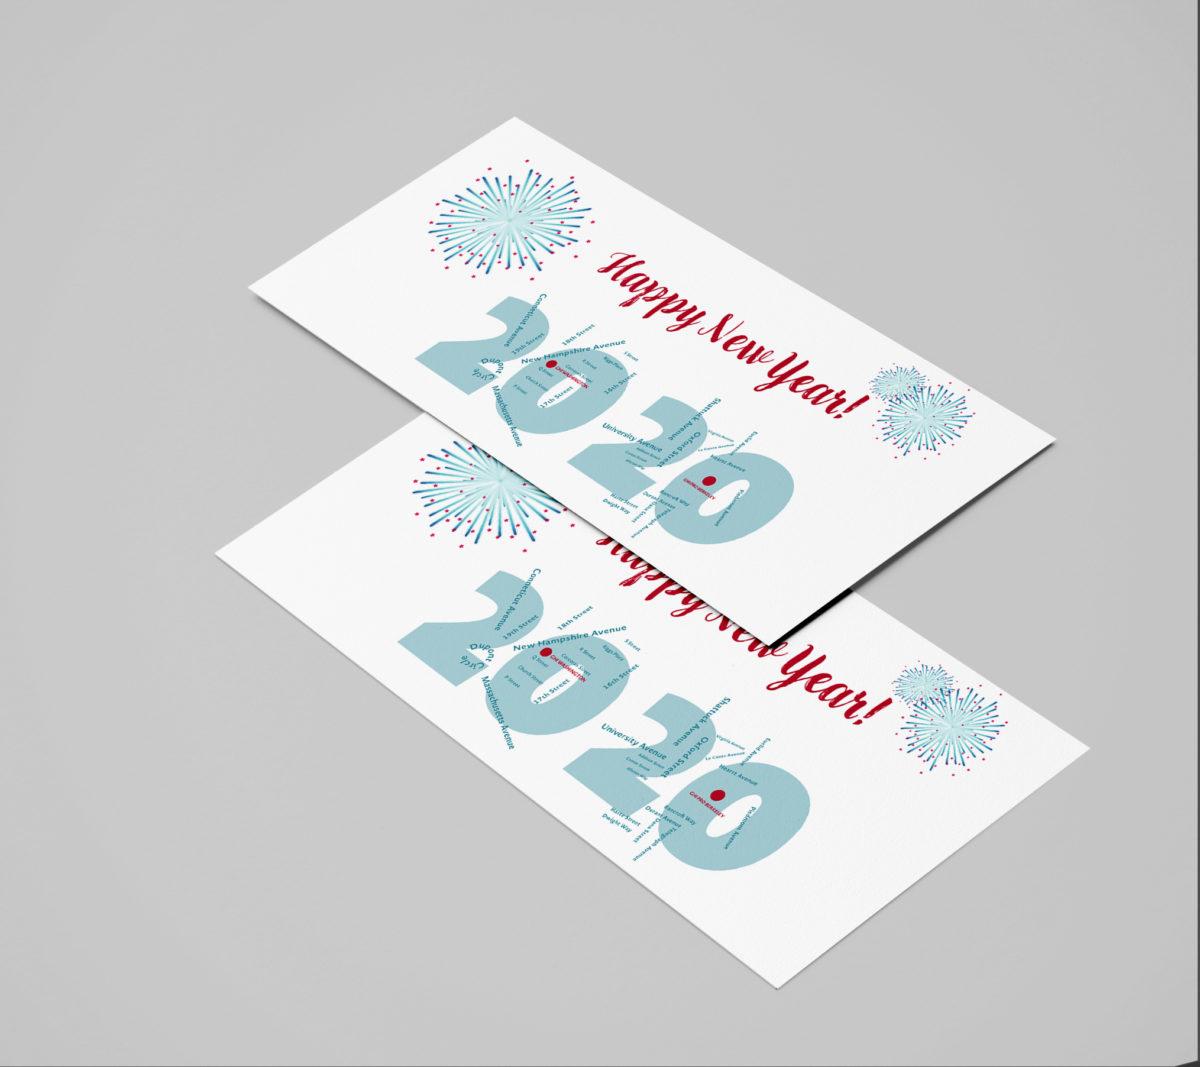 Neujahrskarte 2020 für das German Historical Institute in Washington und Berkeley